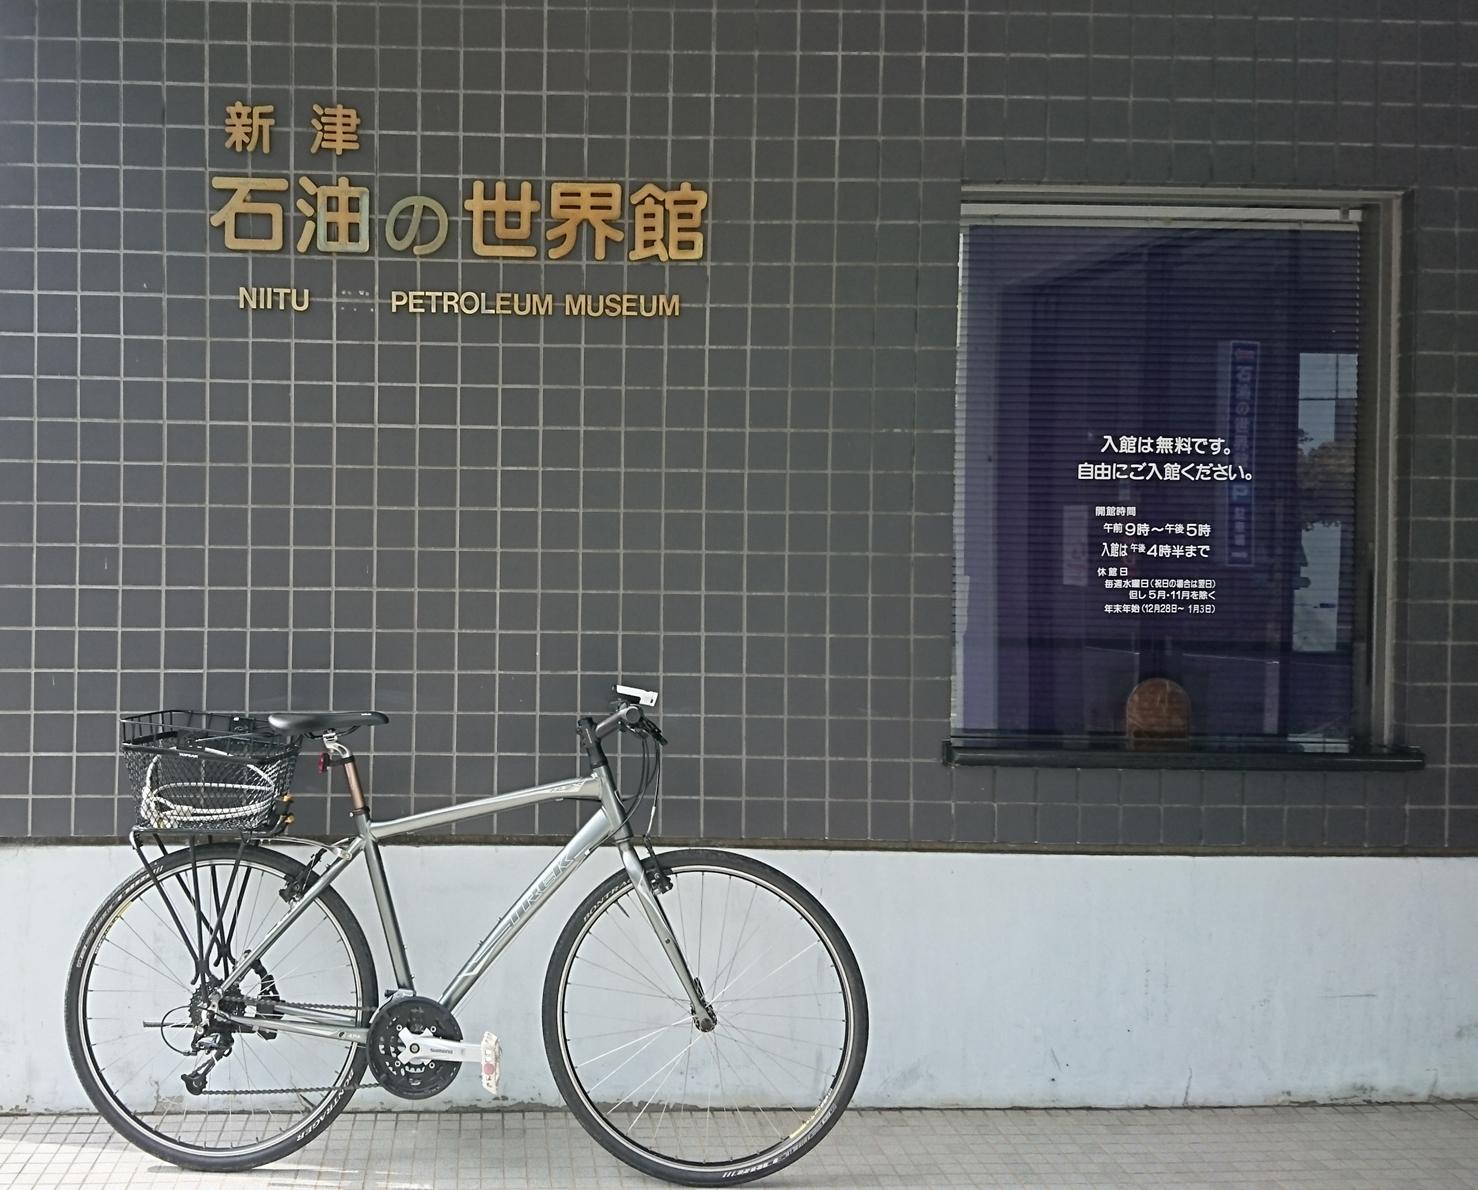 クロスバイク×輪行=サイクリングの自由度アップ!